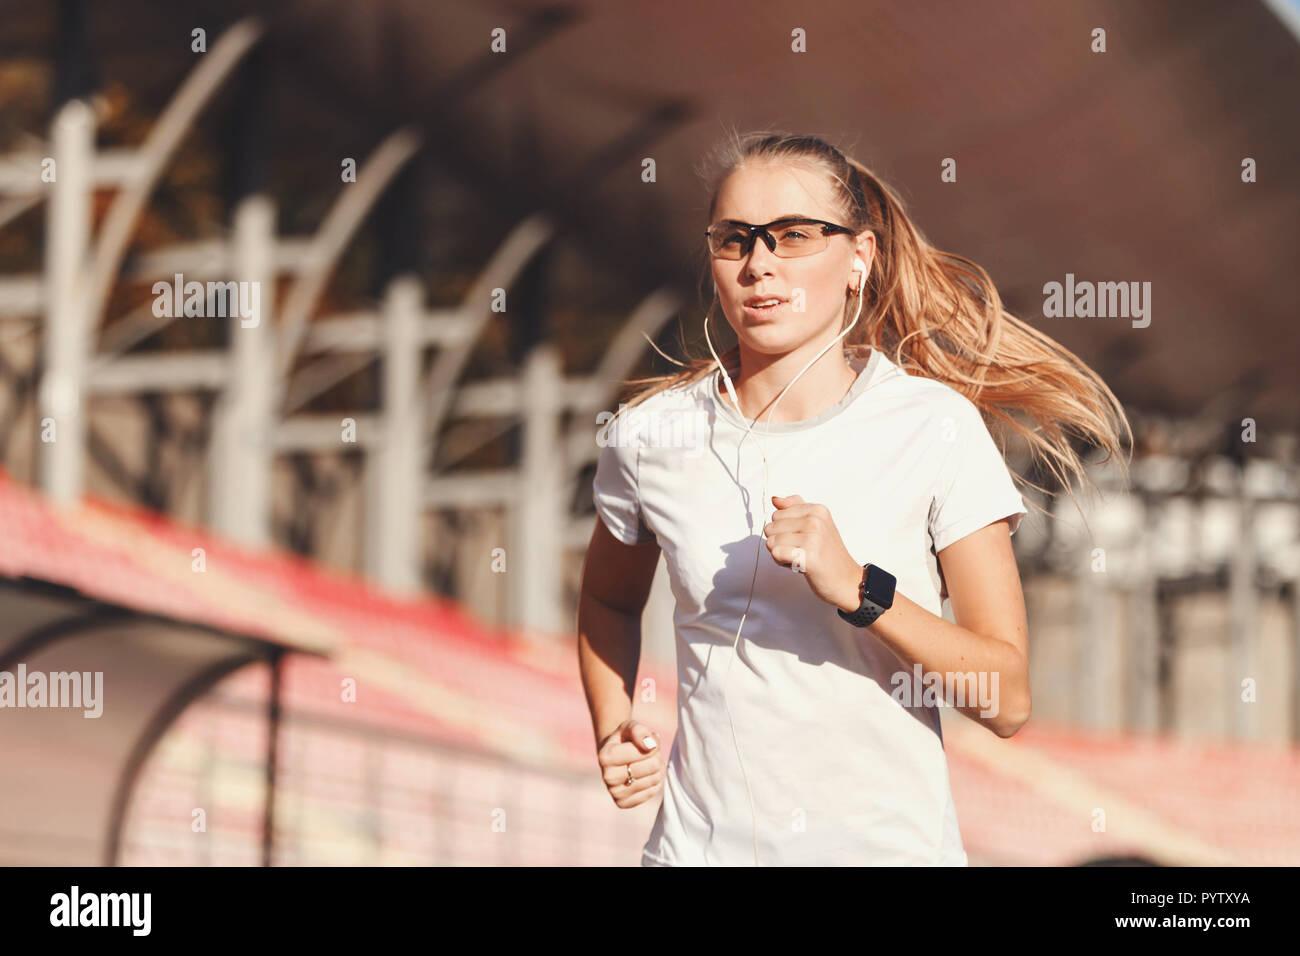 Largo pelo rubio Fitness mujer en ropa deportiva escuchando música y ejecución en el estadio de fútbol al aire libre, estilo de vida saludable y la gente concepto Foto de stock